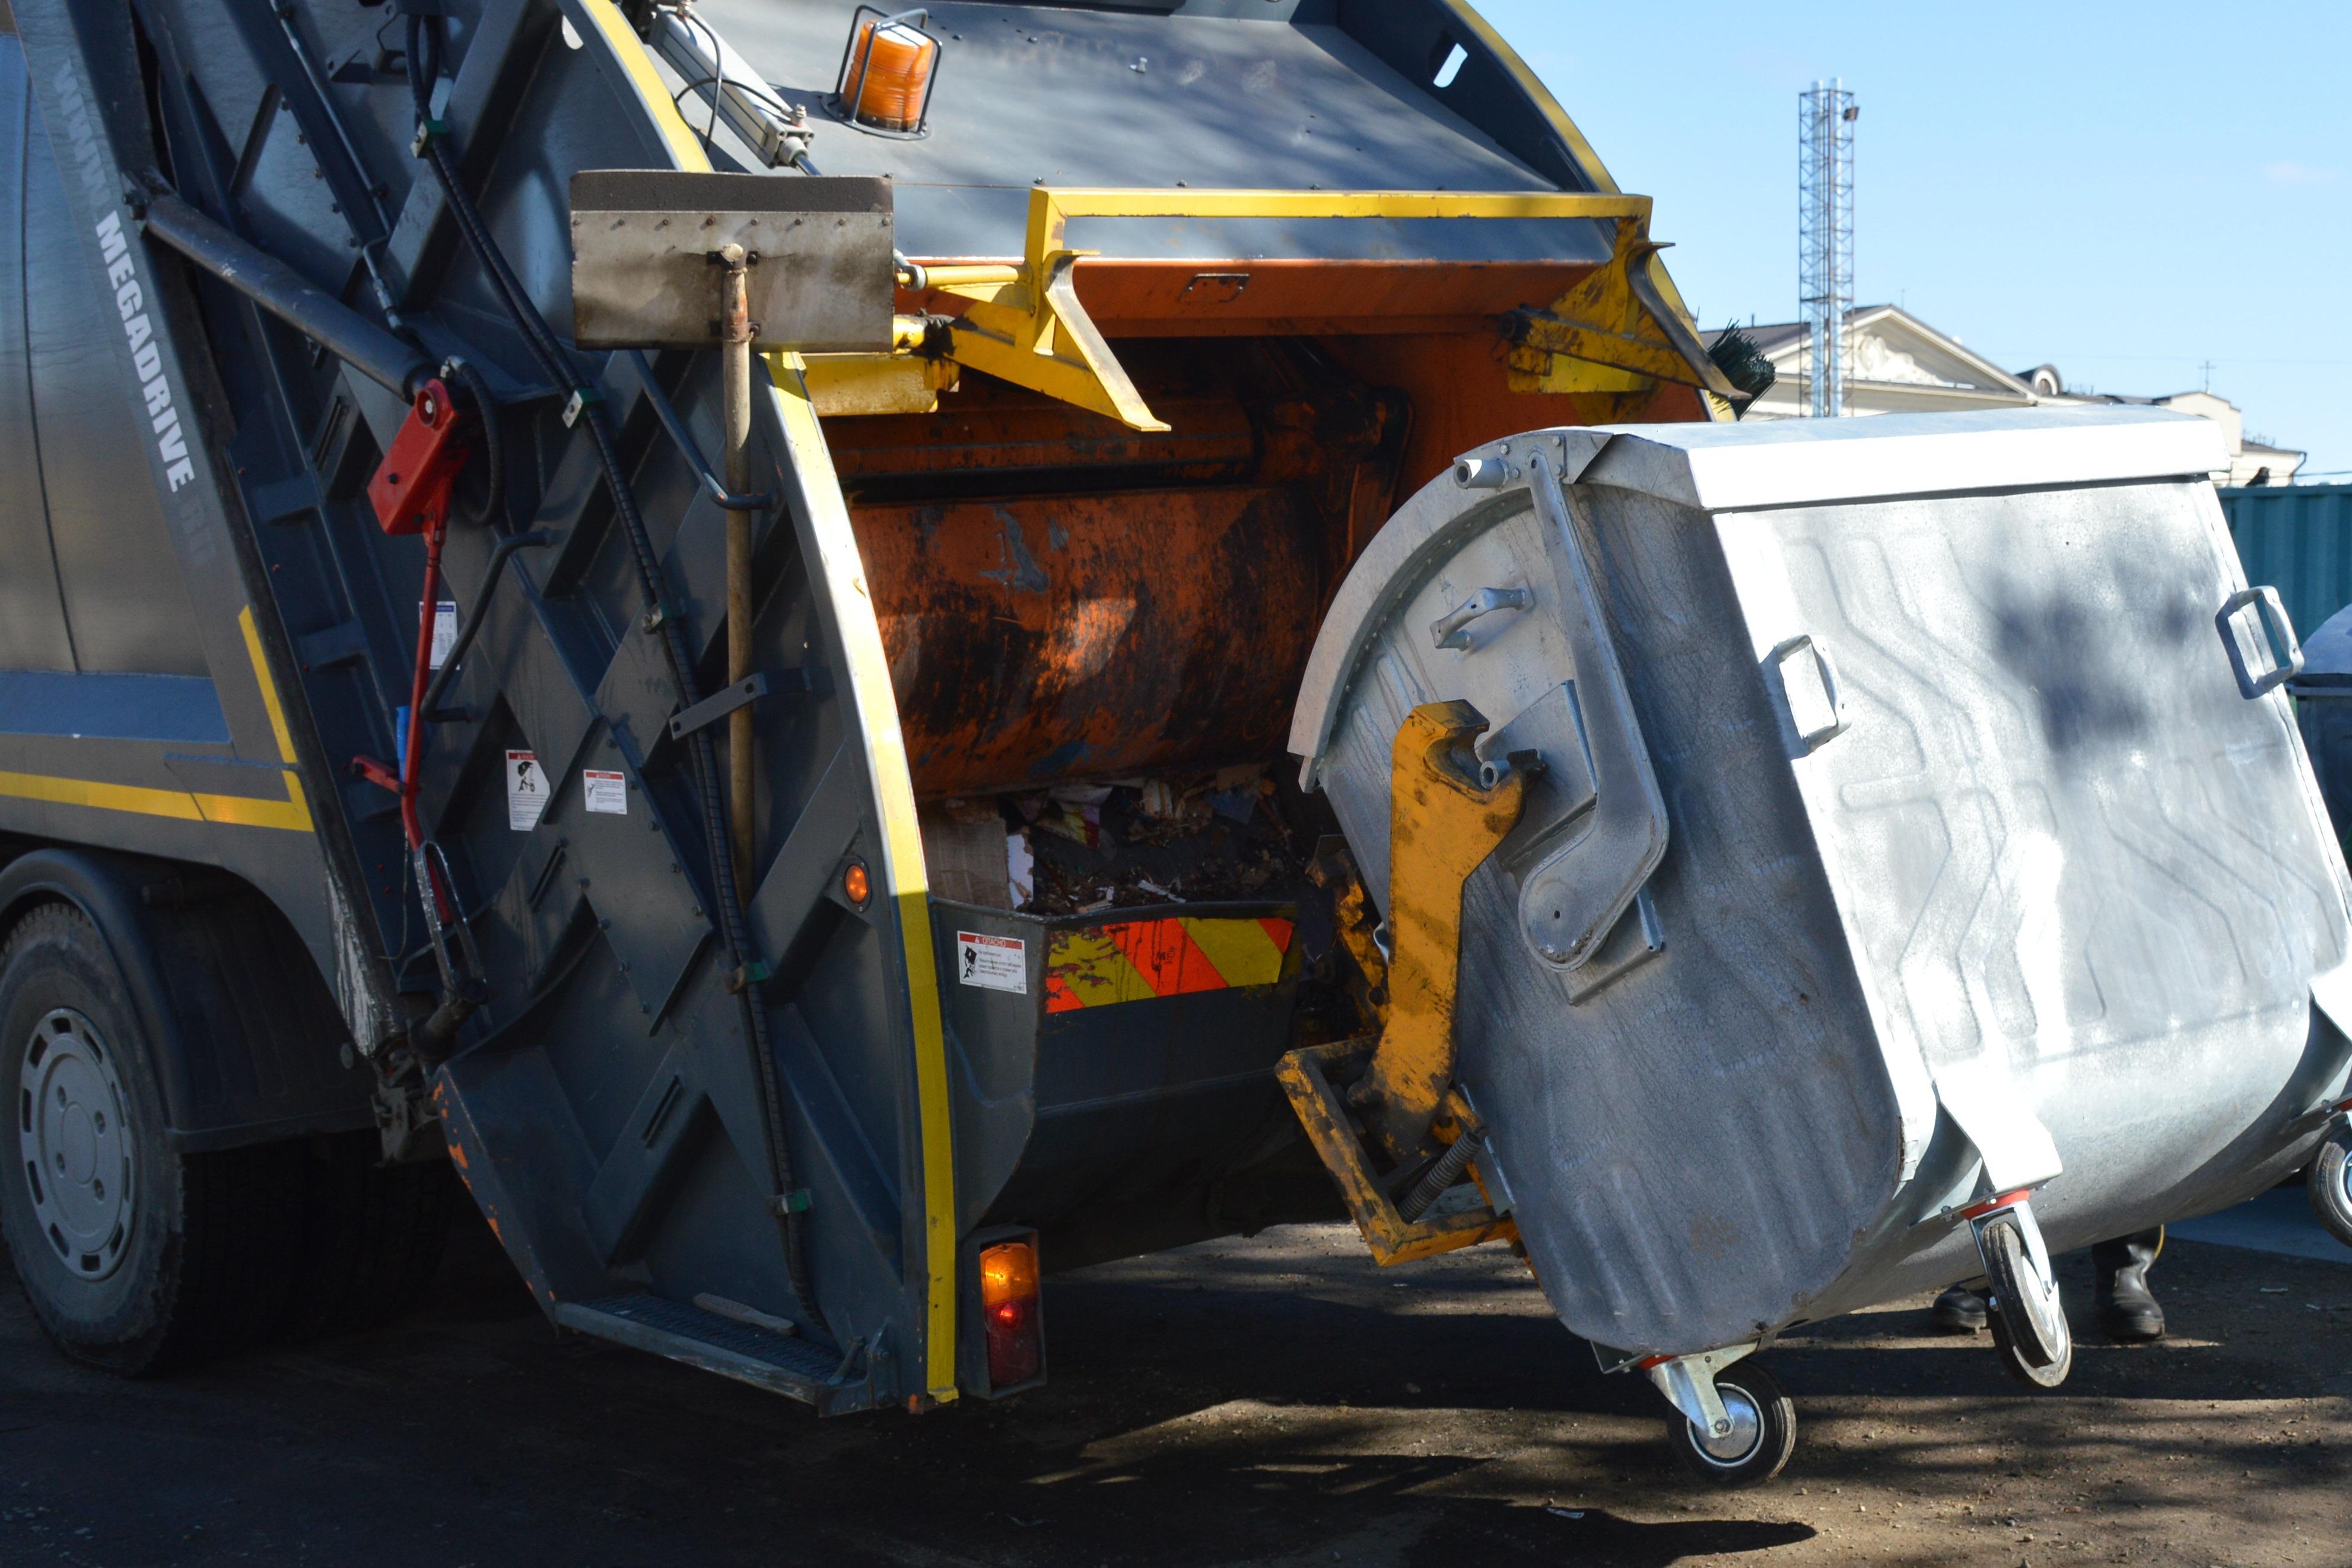 Ярославец попытался сдать в металлолом три мусорных контейнера